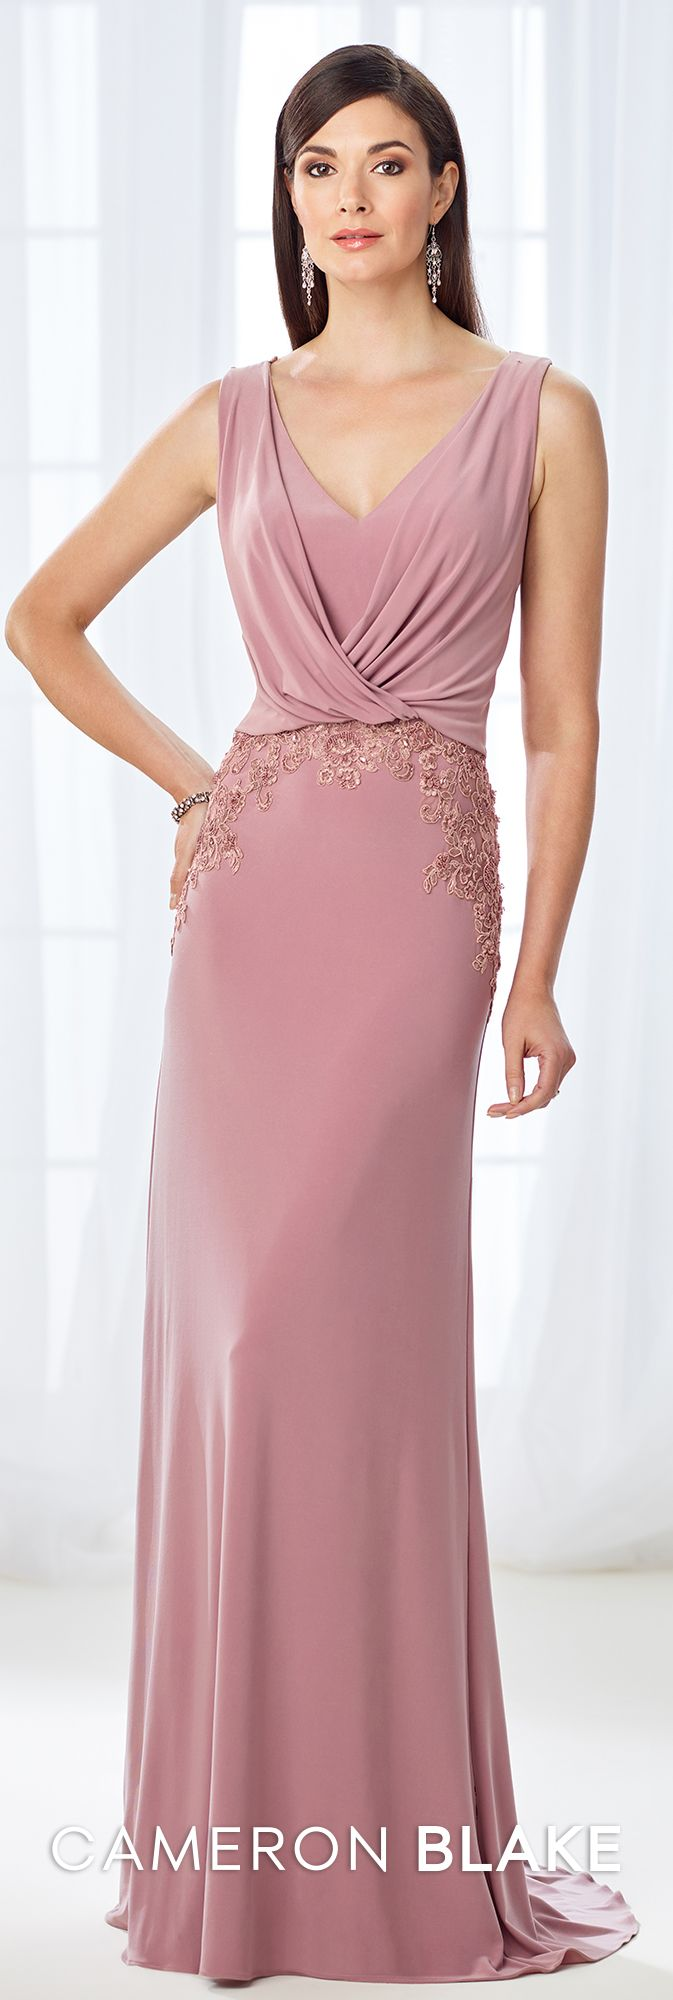 Excepcional Cuanto Cuestan Los Vestidos De Novia De Pronovias ...